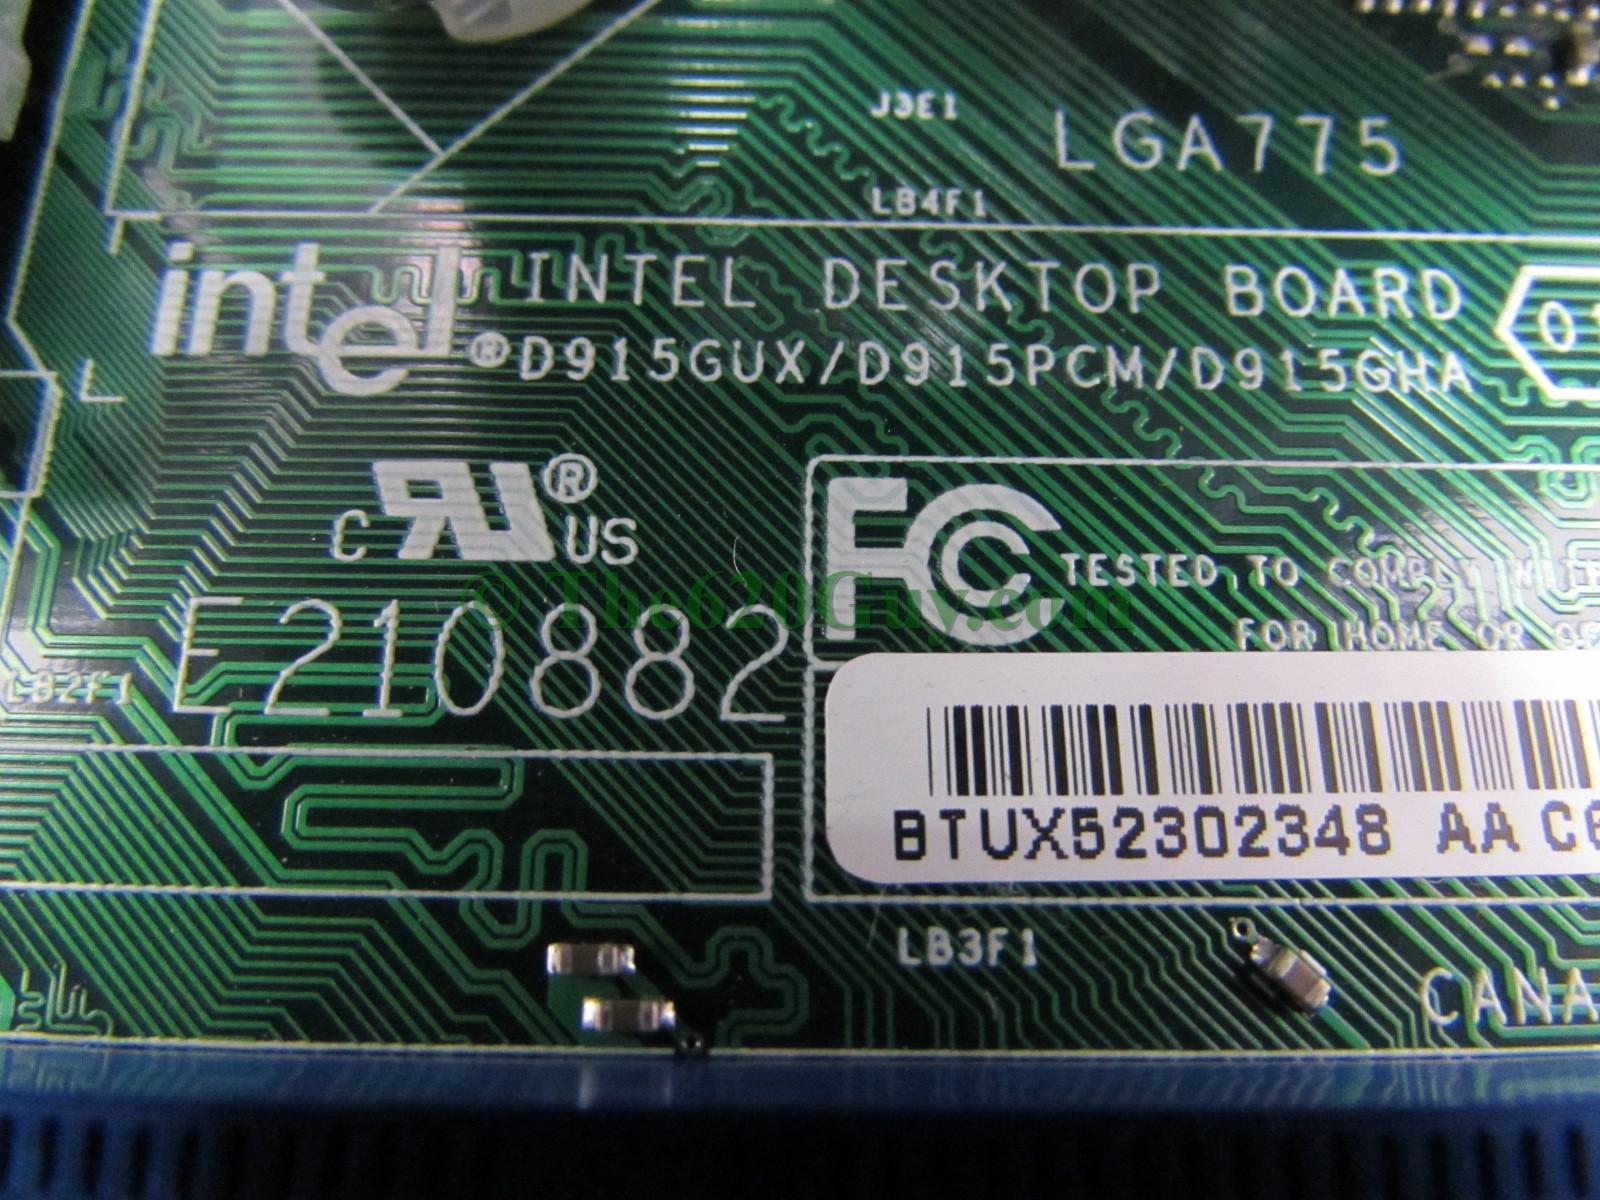 D915glvg motherboard